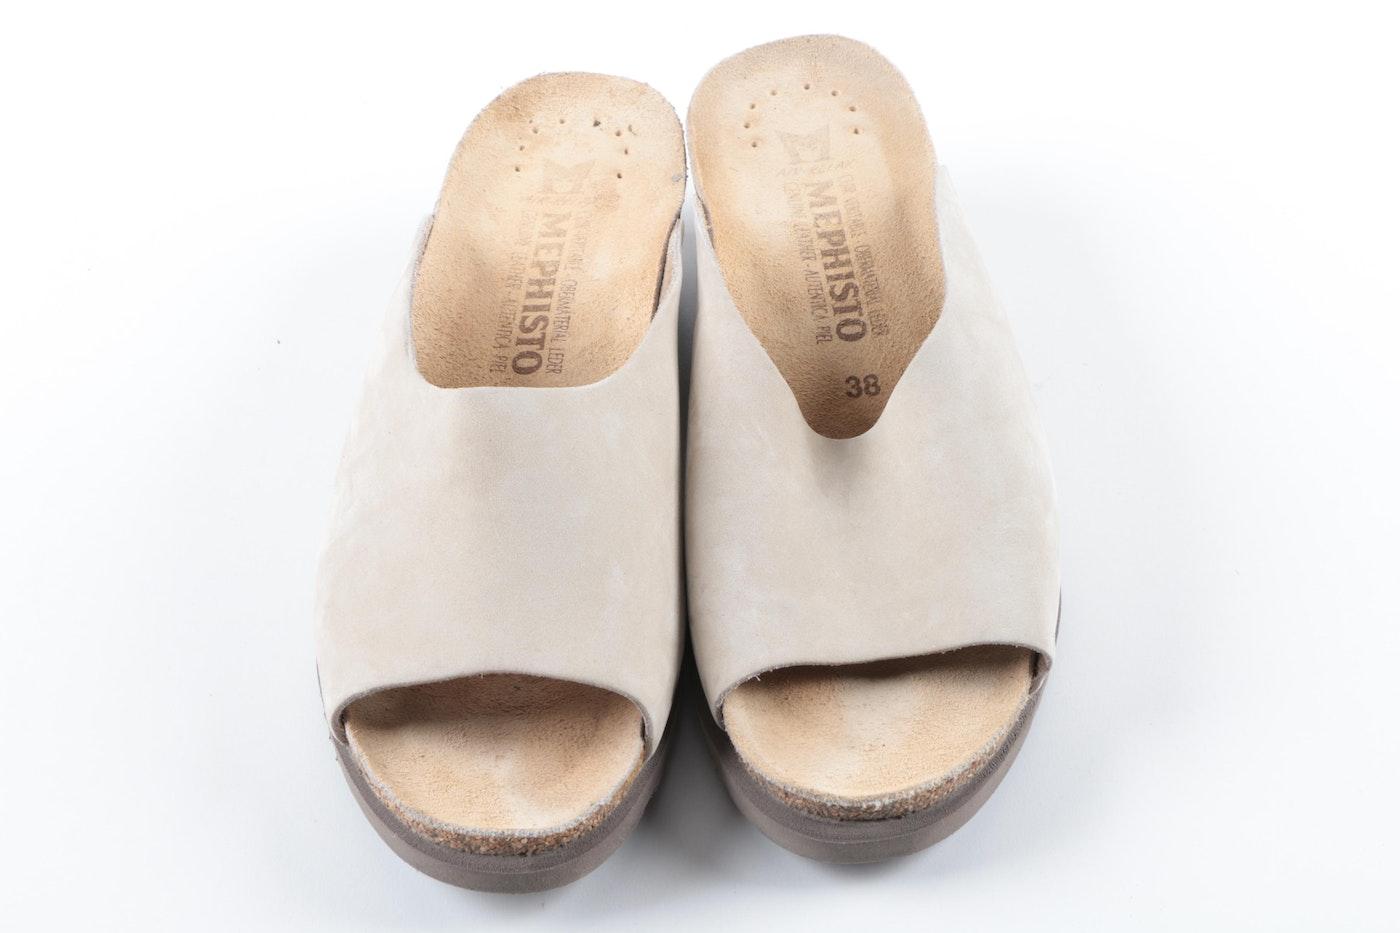 Worthington Womens Shoes